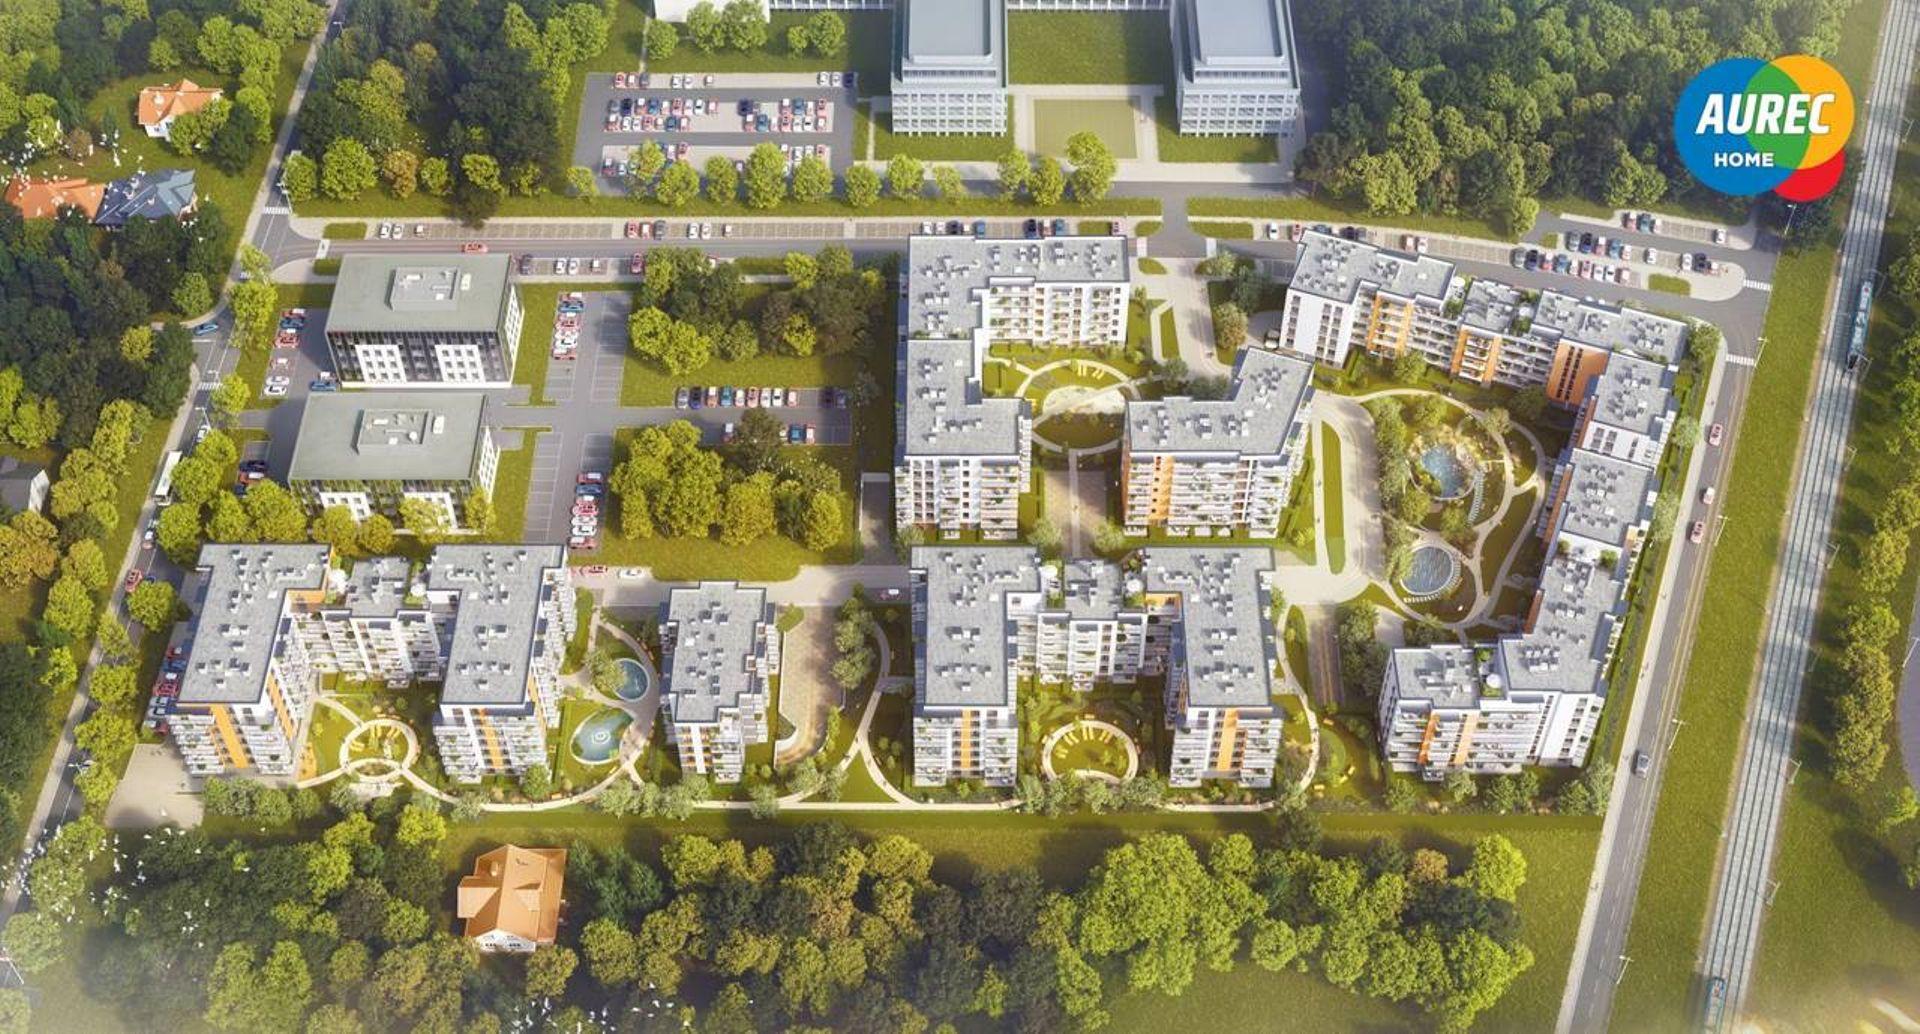 Warszawa: Miasteczko Jutrzenki – Aurec zbuduje ponad pół tysiąca mieszkań we Włochach